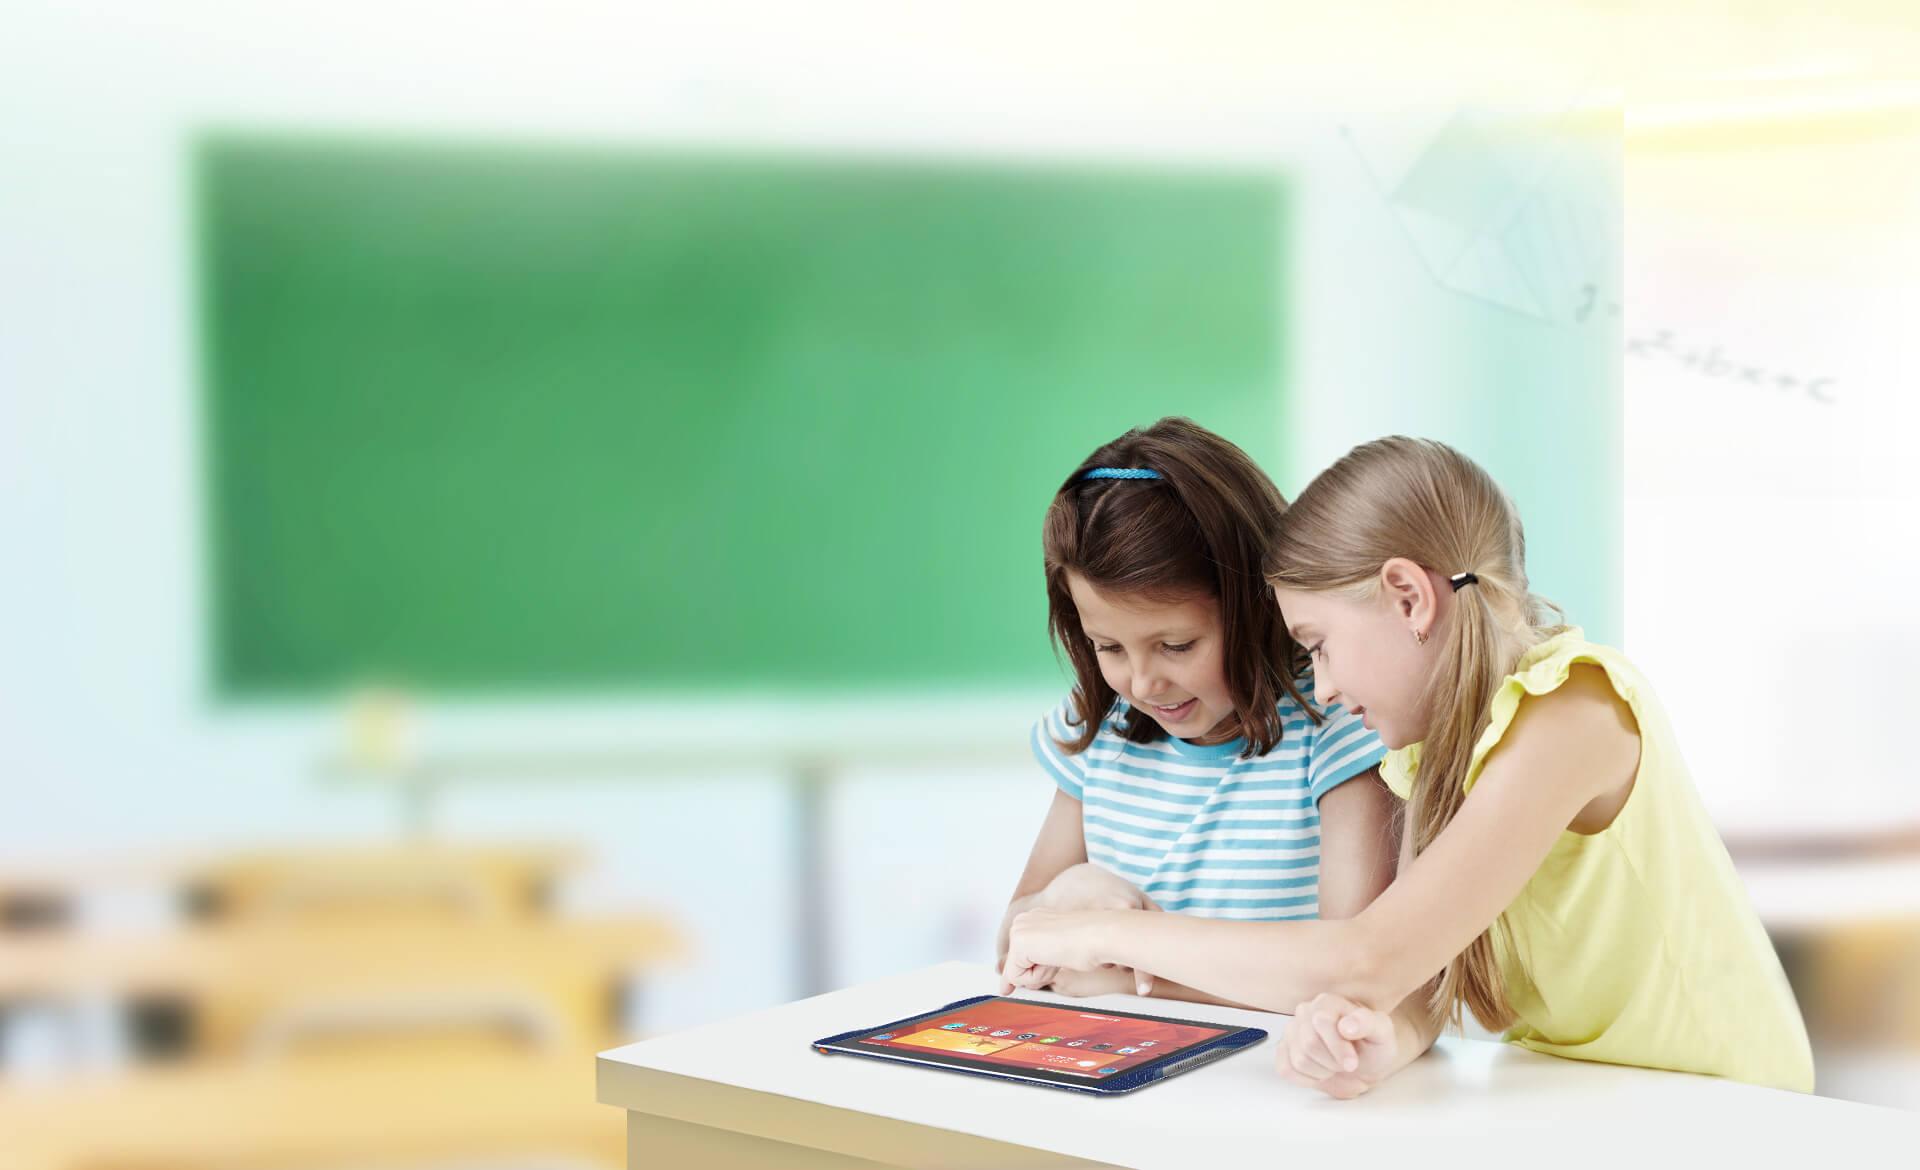 101智慧教室解决方案